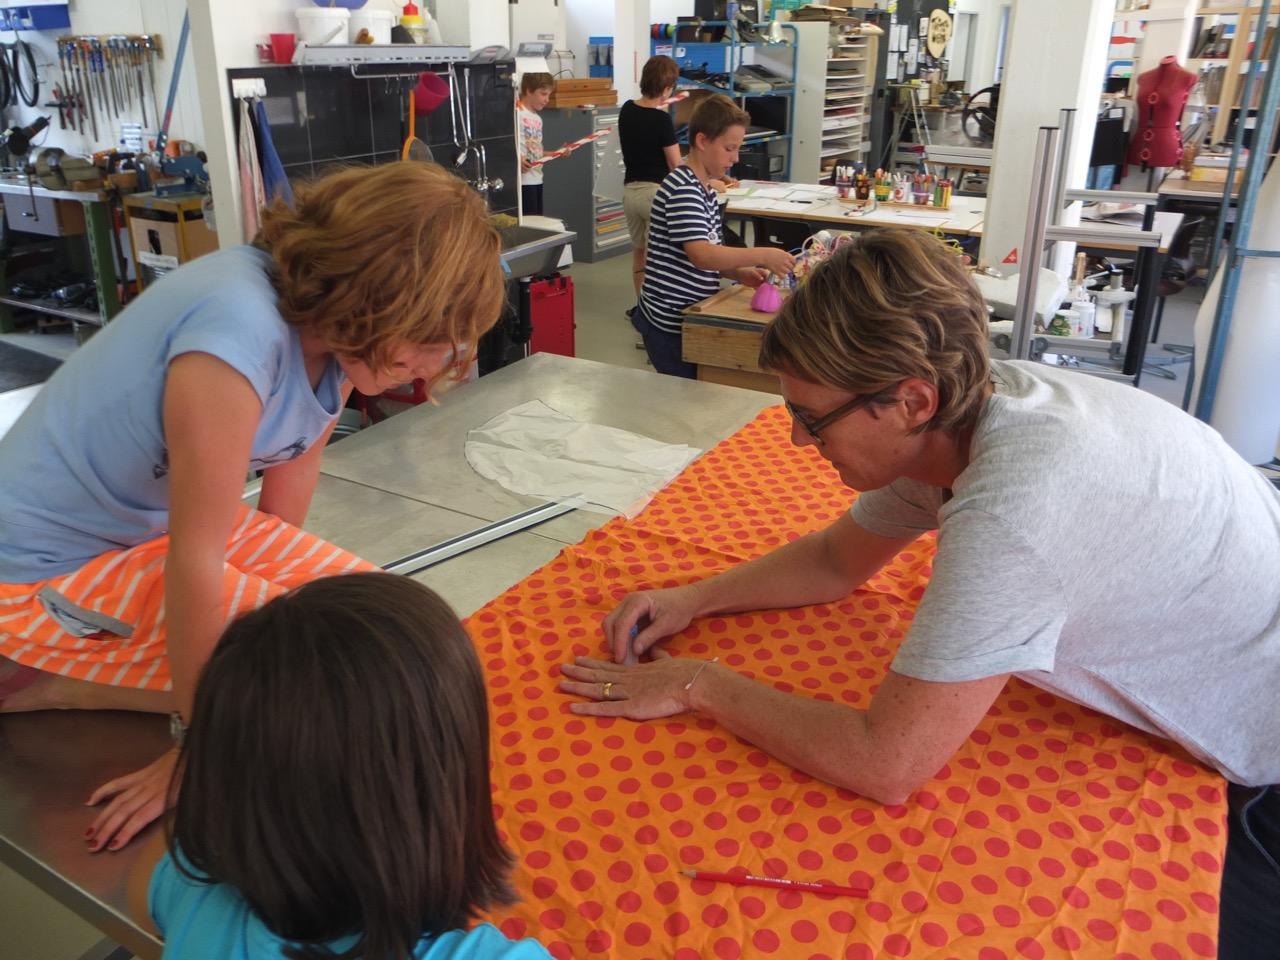 Erzinger hilft zwei Mädchen beim Zuschneiden des Stoffes. (Bild: Mirjam Oertli)